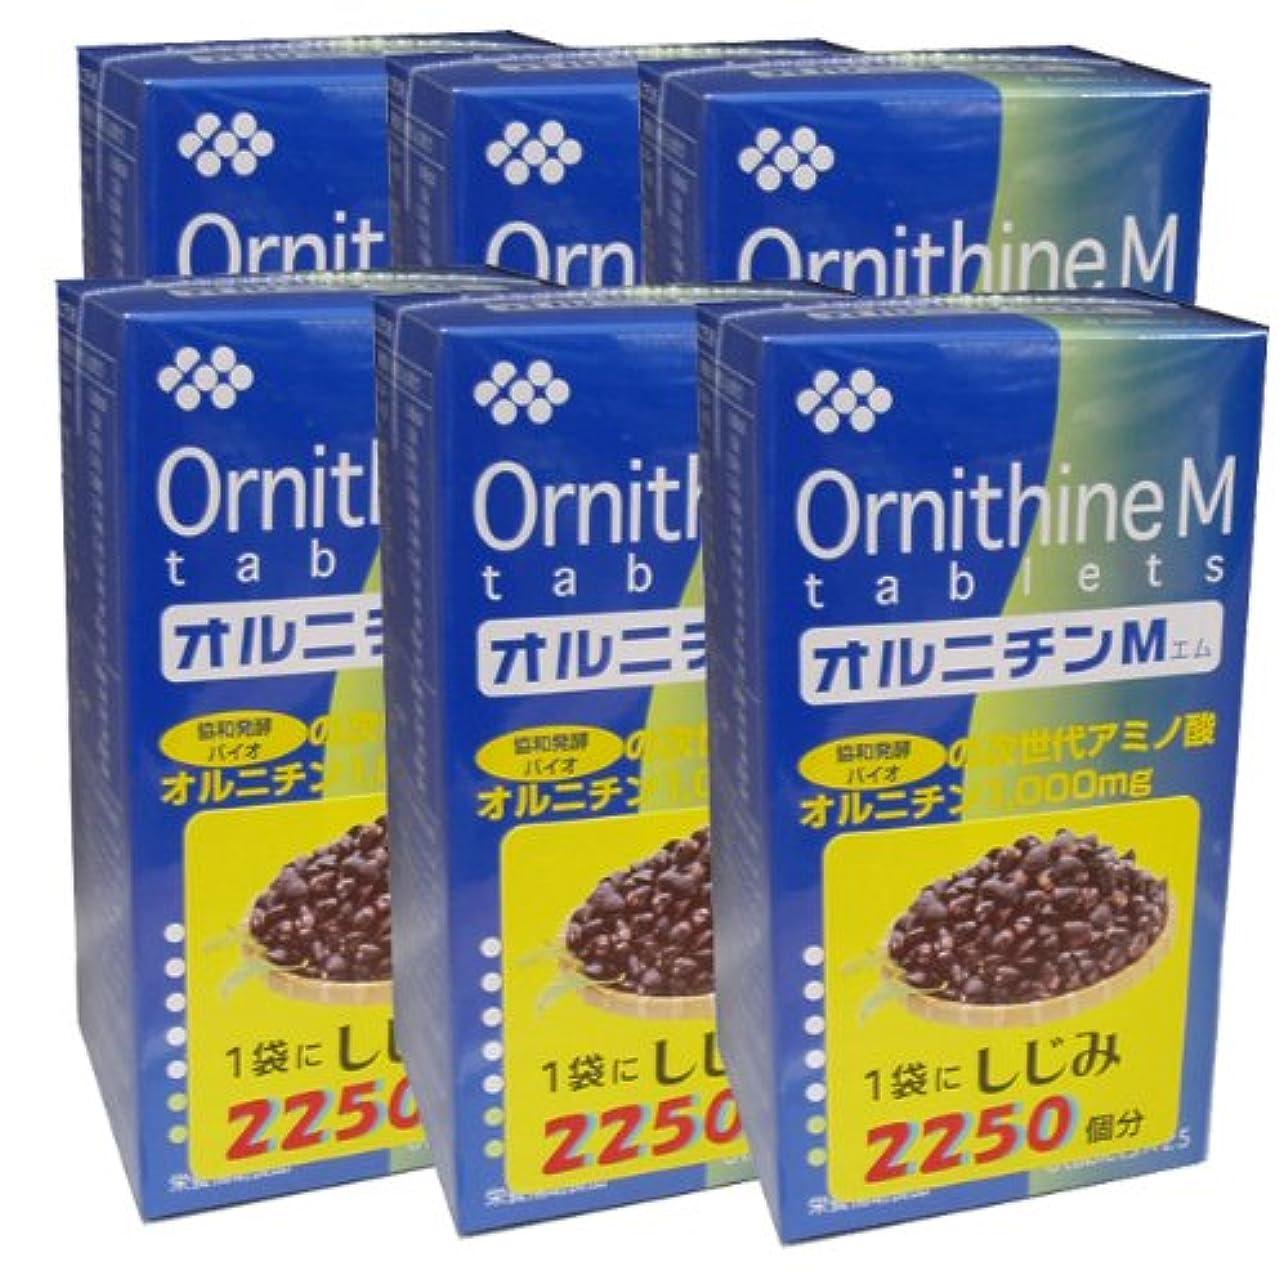 呼びかける収穫マディソン協和発酵オルニチンM (6粒×25袋)×6個セット 4987097808114